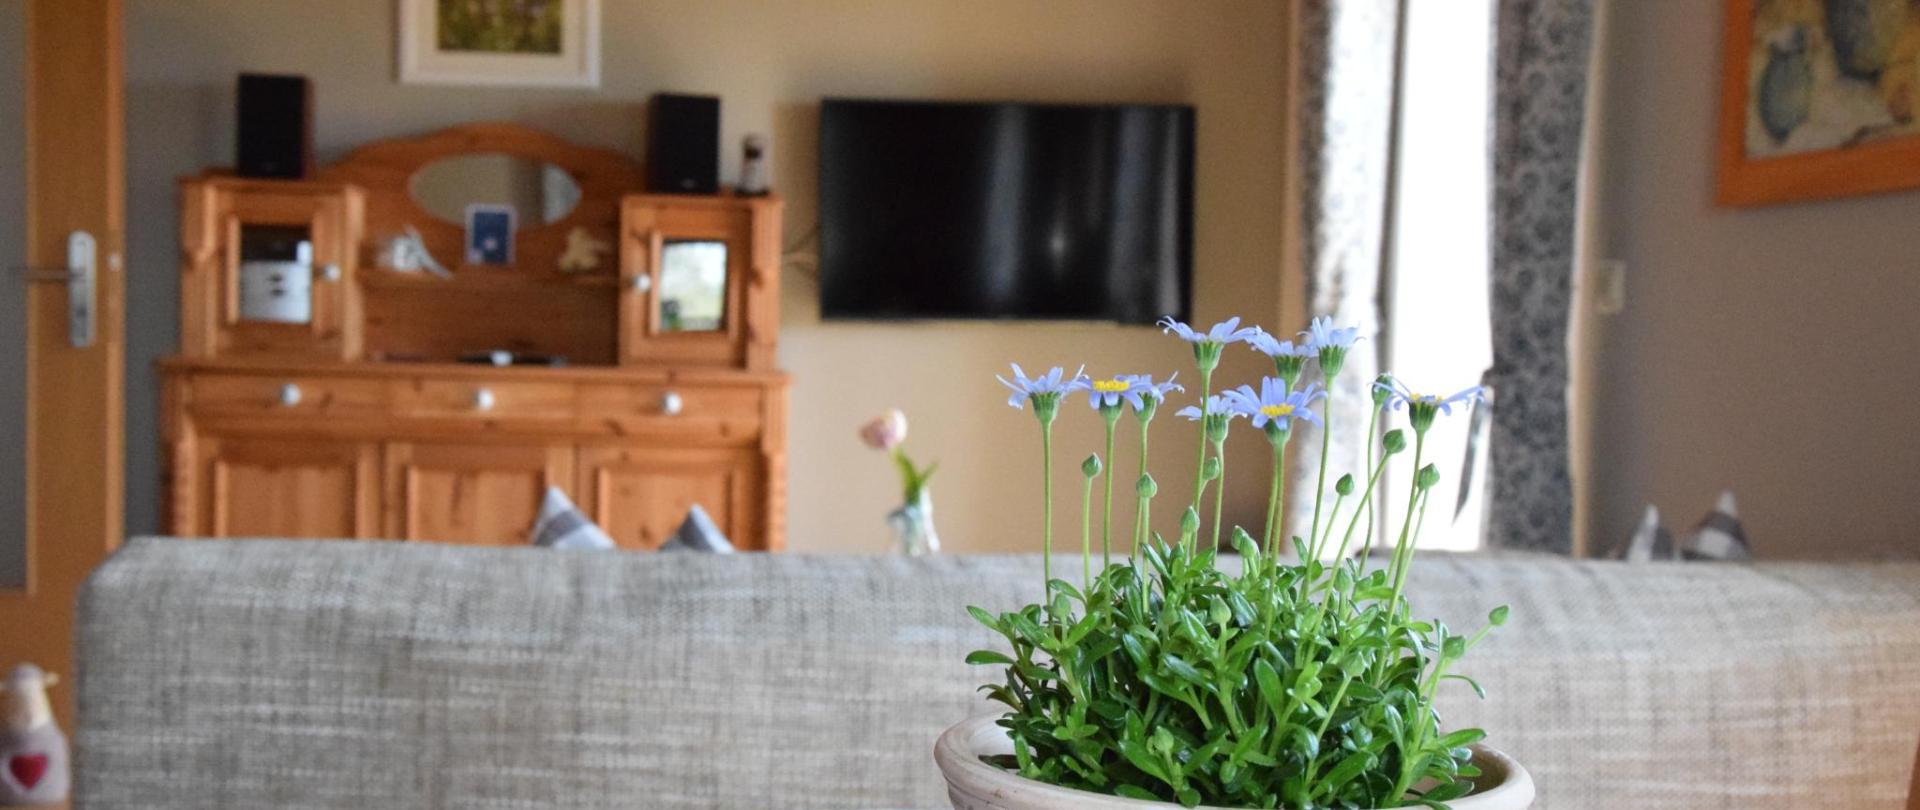 Küche Blumen.JPG